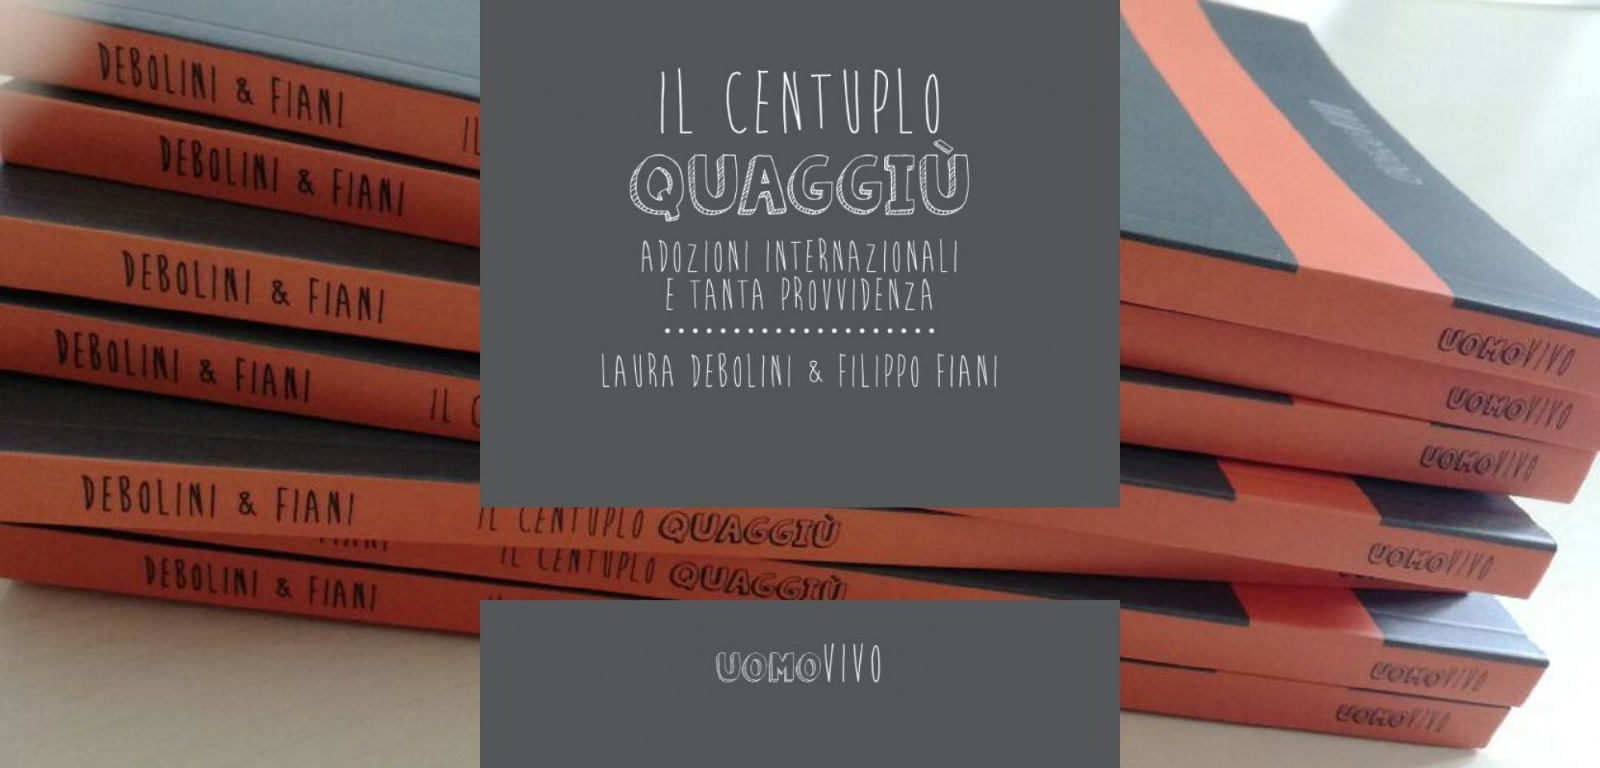 ilcentuplo-quaggiu-2